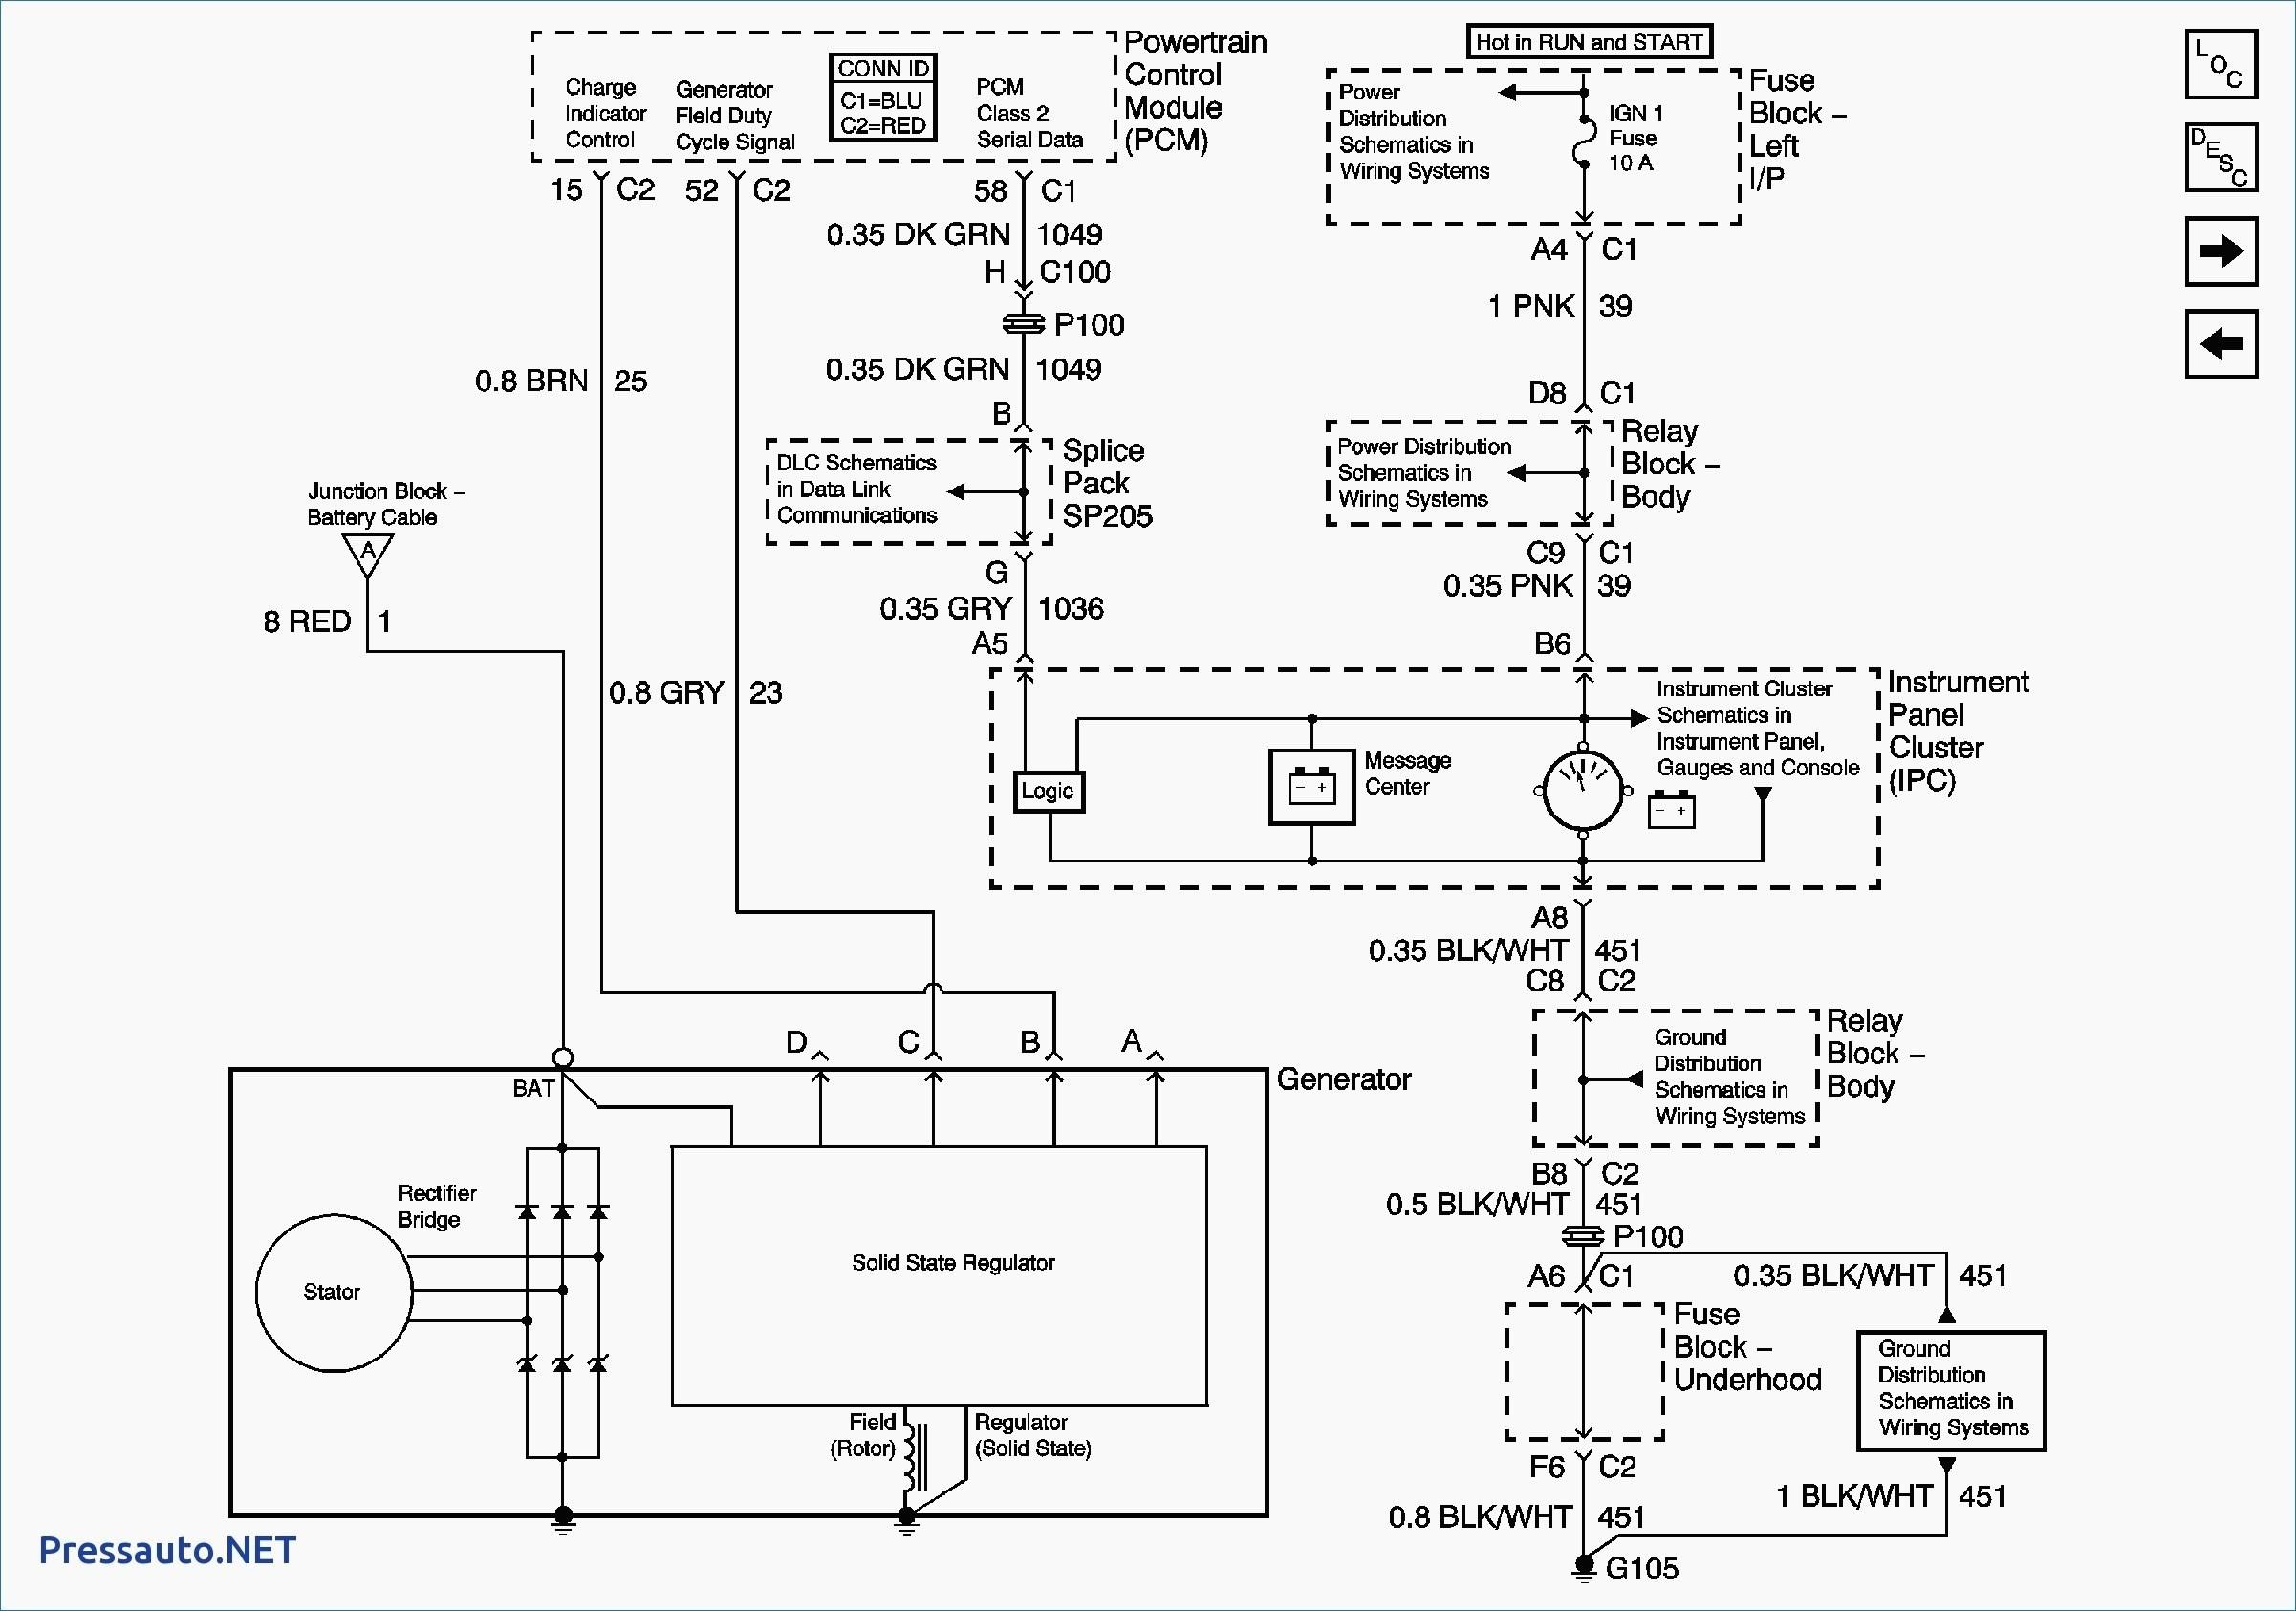 motorola voltage regulator wiring diagram Collection-Alternator Wiring Diagram Download Inspirational Chrysler Wiring Diagram Symbols Save Wiring Diagram For Motorola 8-g